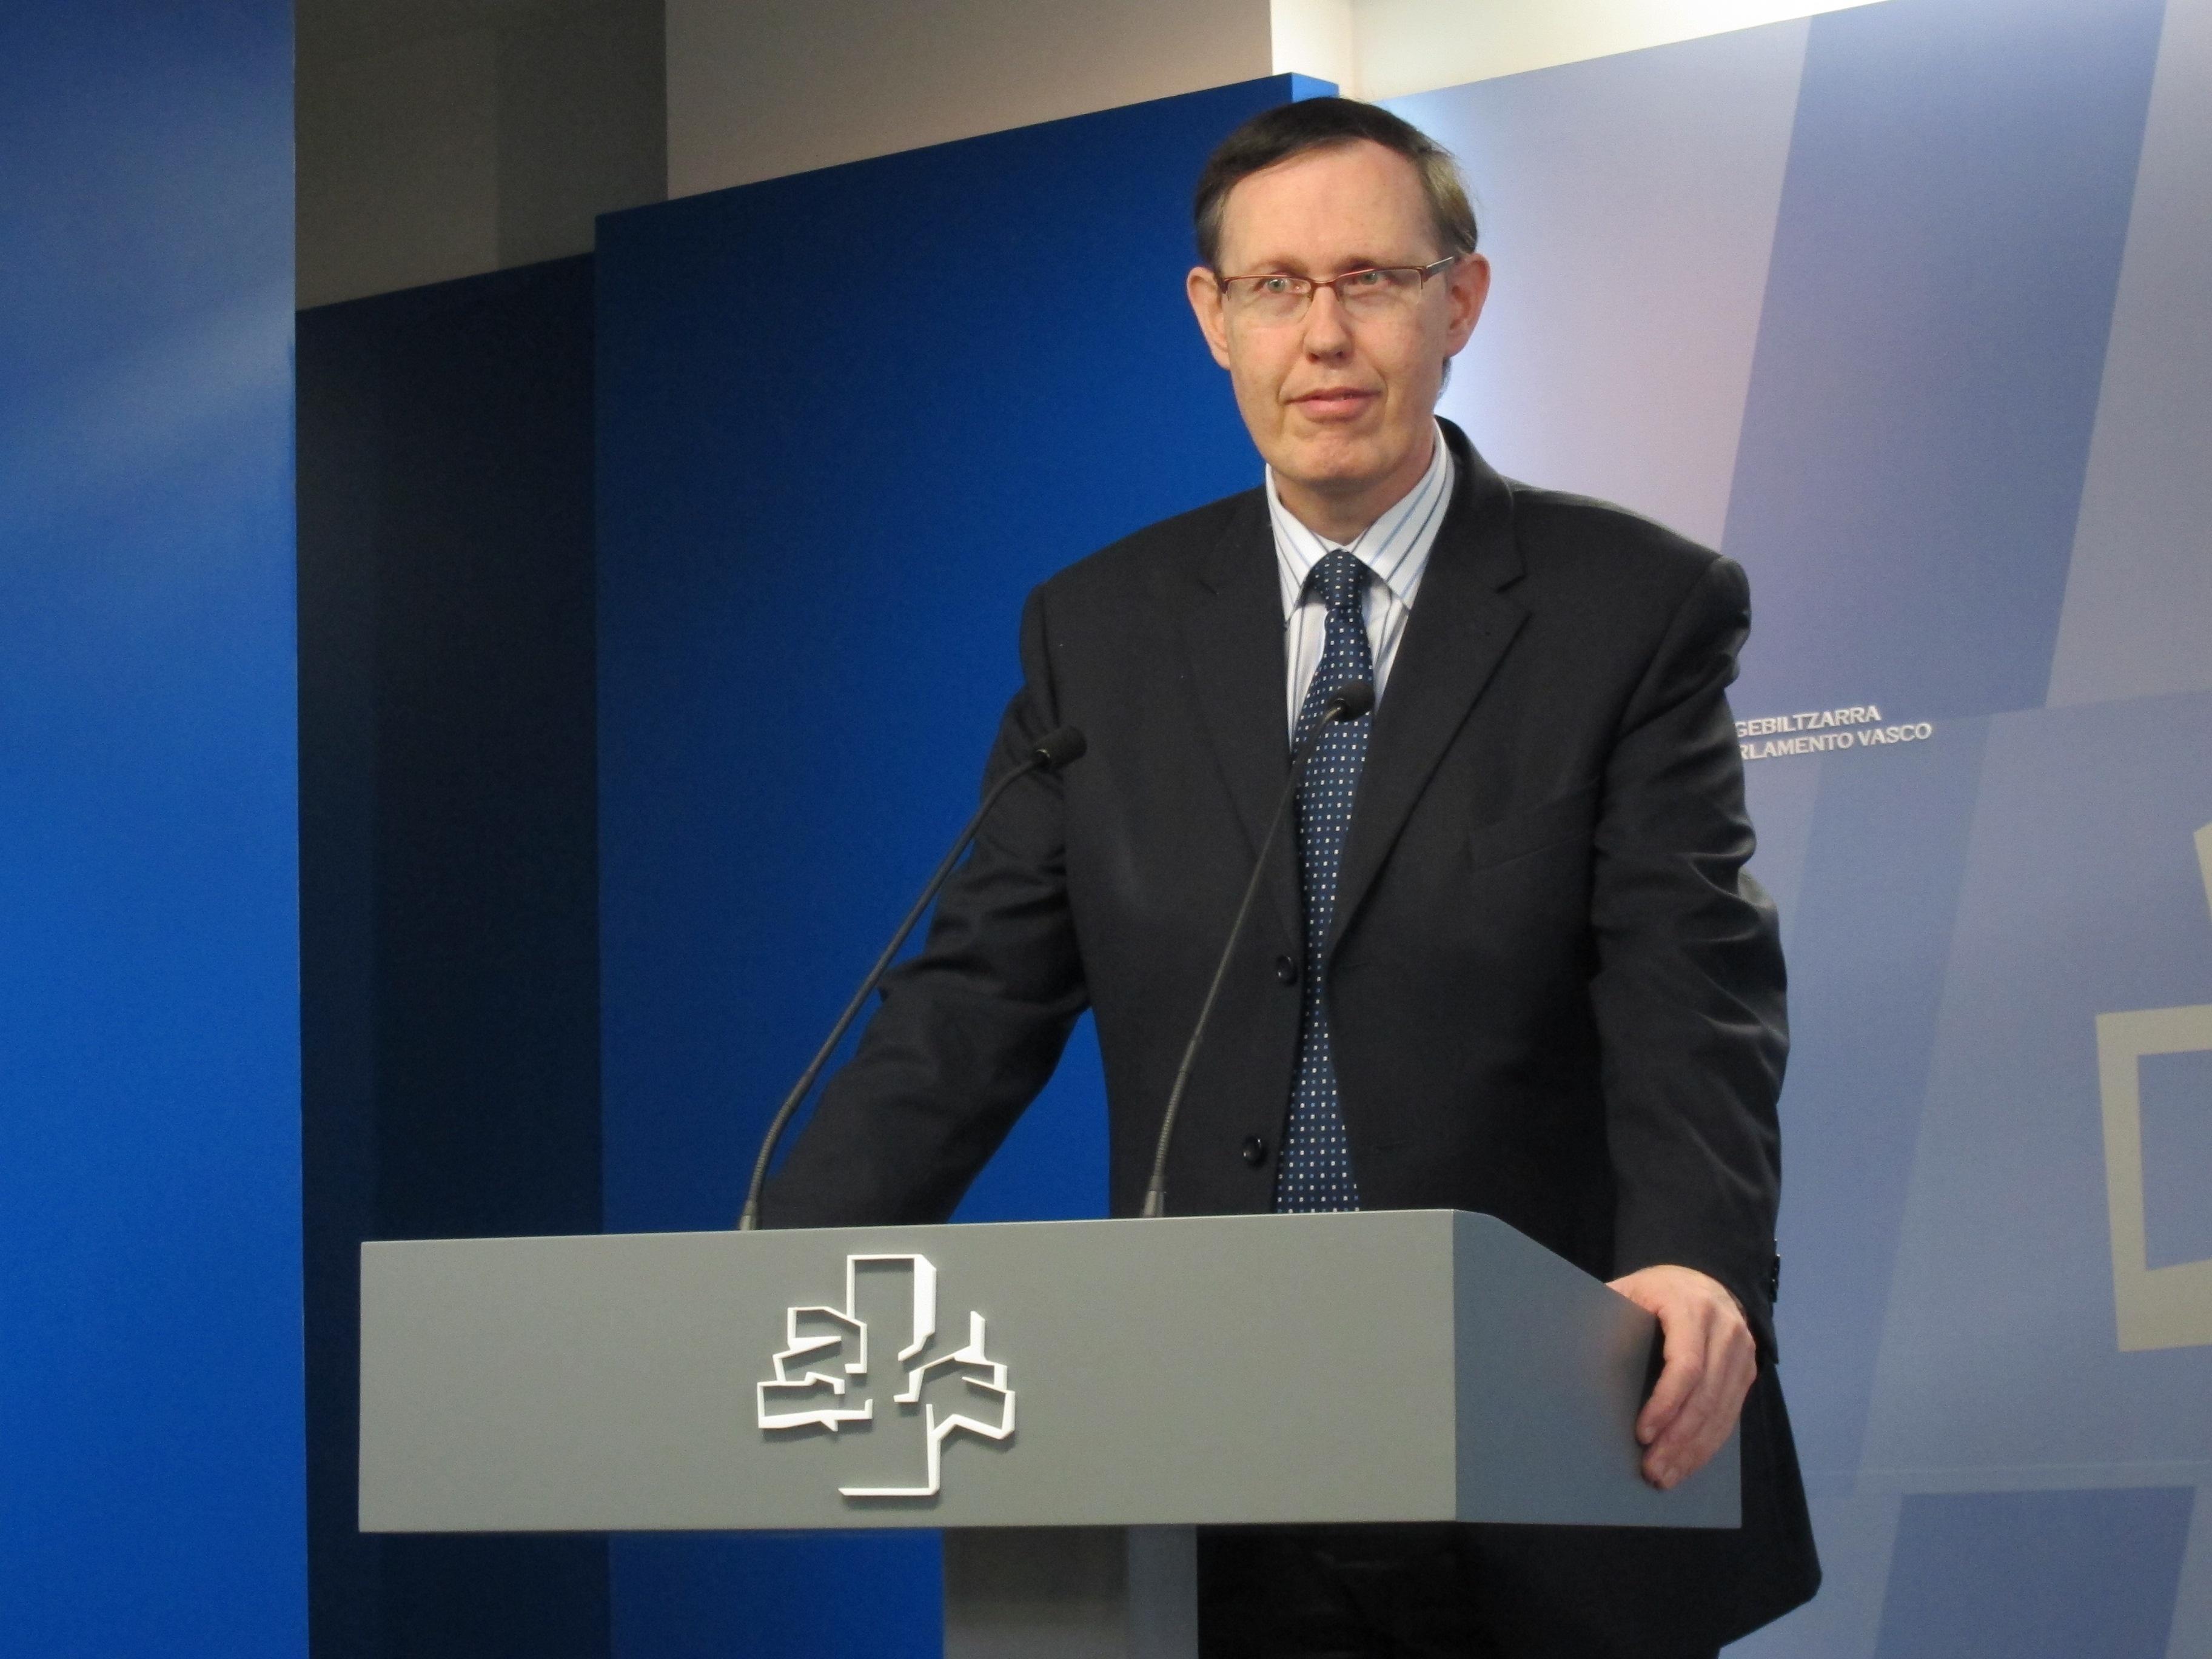 Gobierno vasco cree que se lograrán «acuerdos importantes» con EH Bildu y PP porque «las diferencias son de matiz»